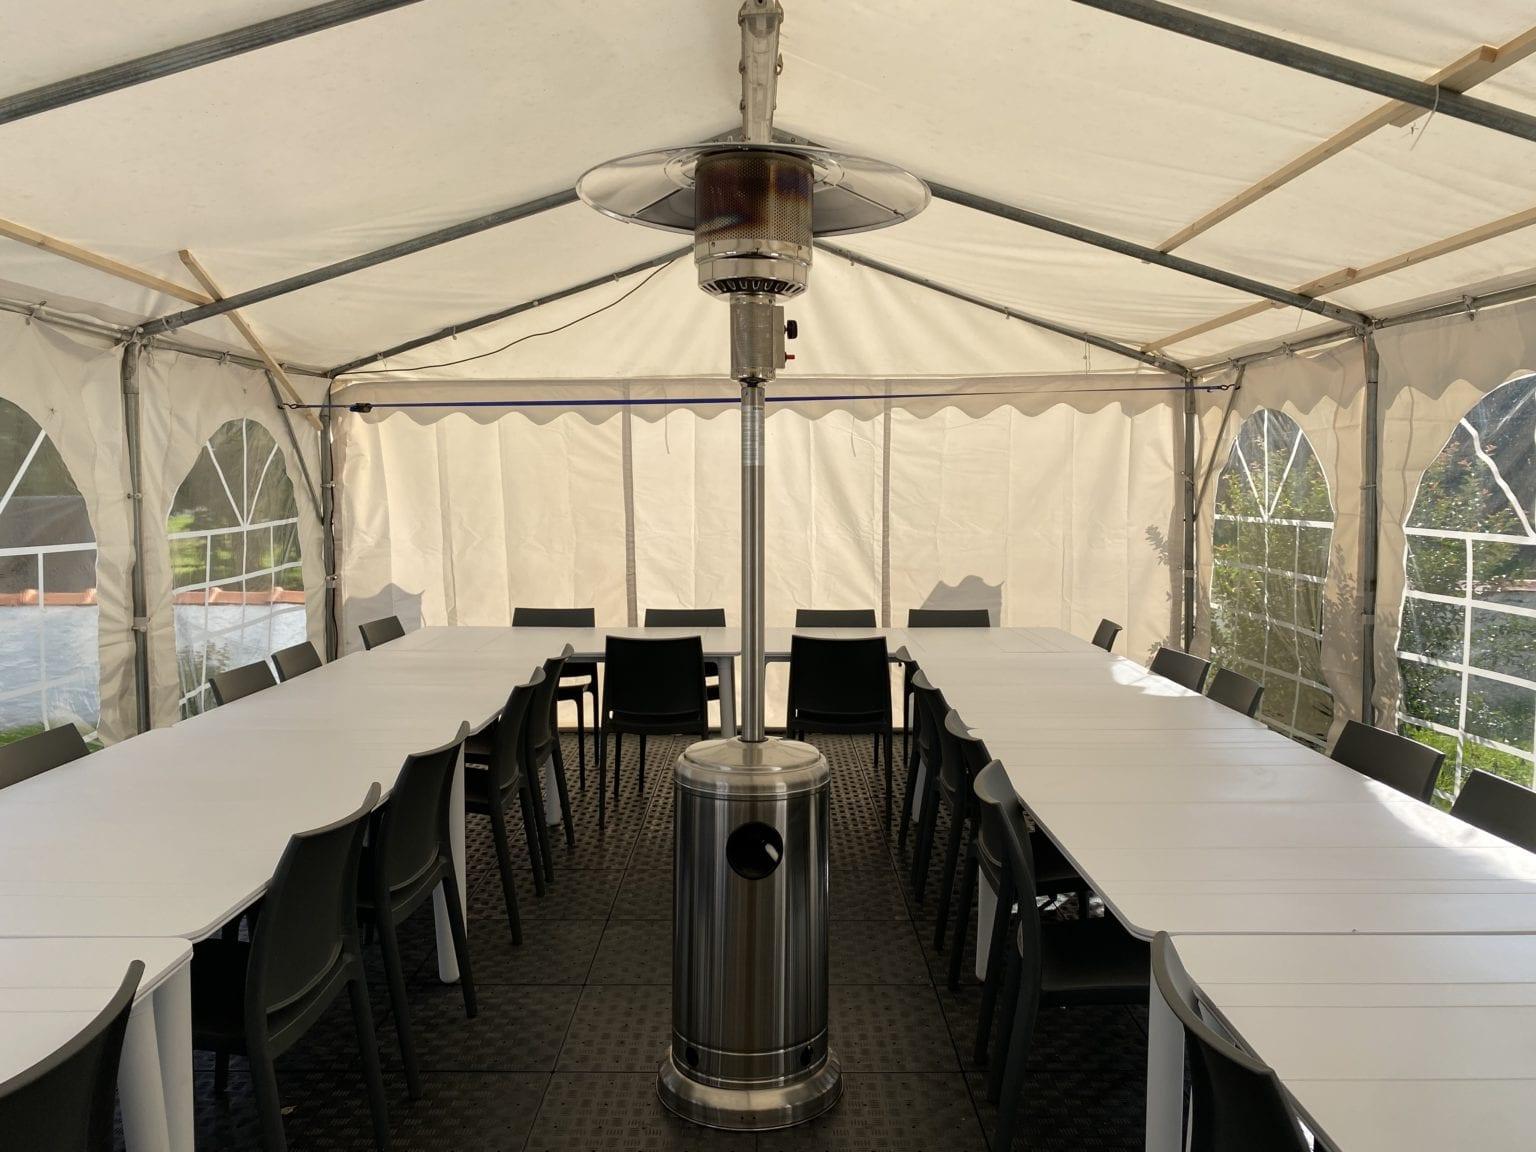 Salle de réception extérieure Résidence Romaric - Chauffage - Couvert - Grande table